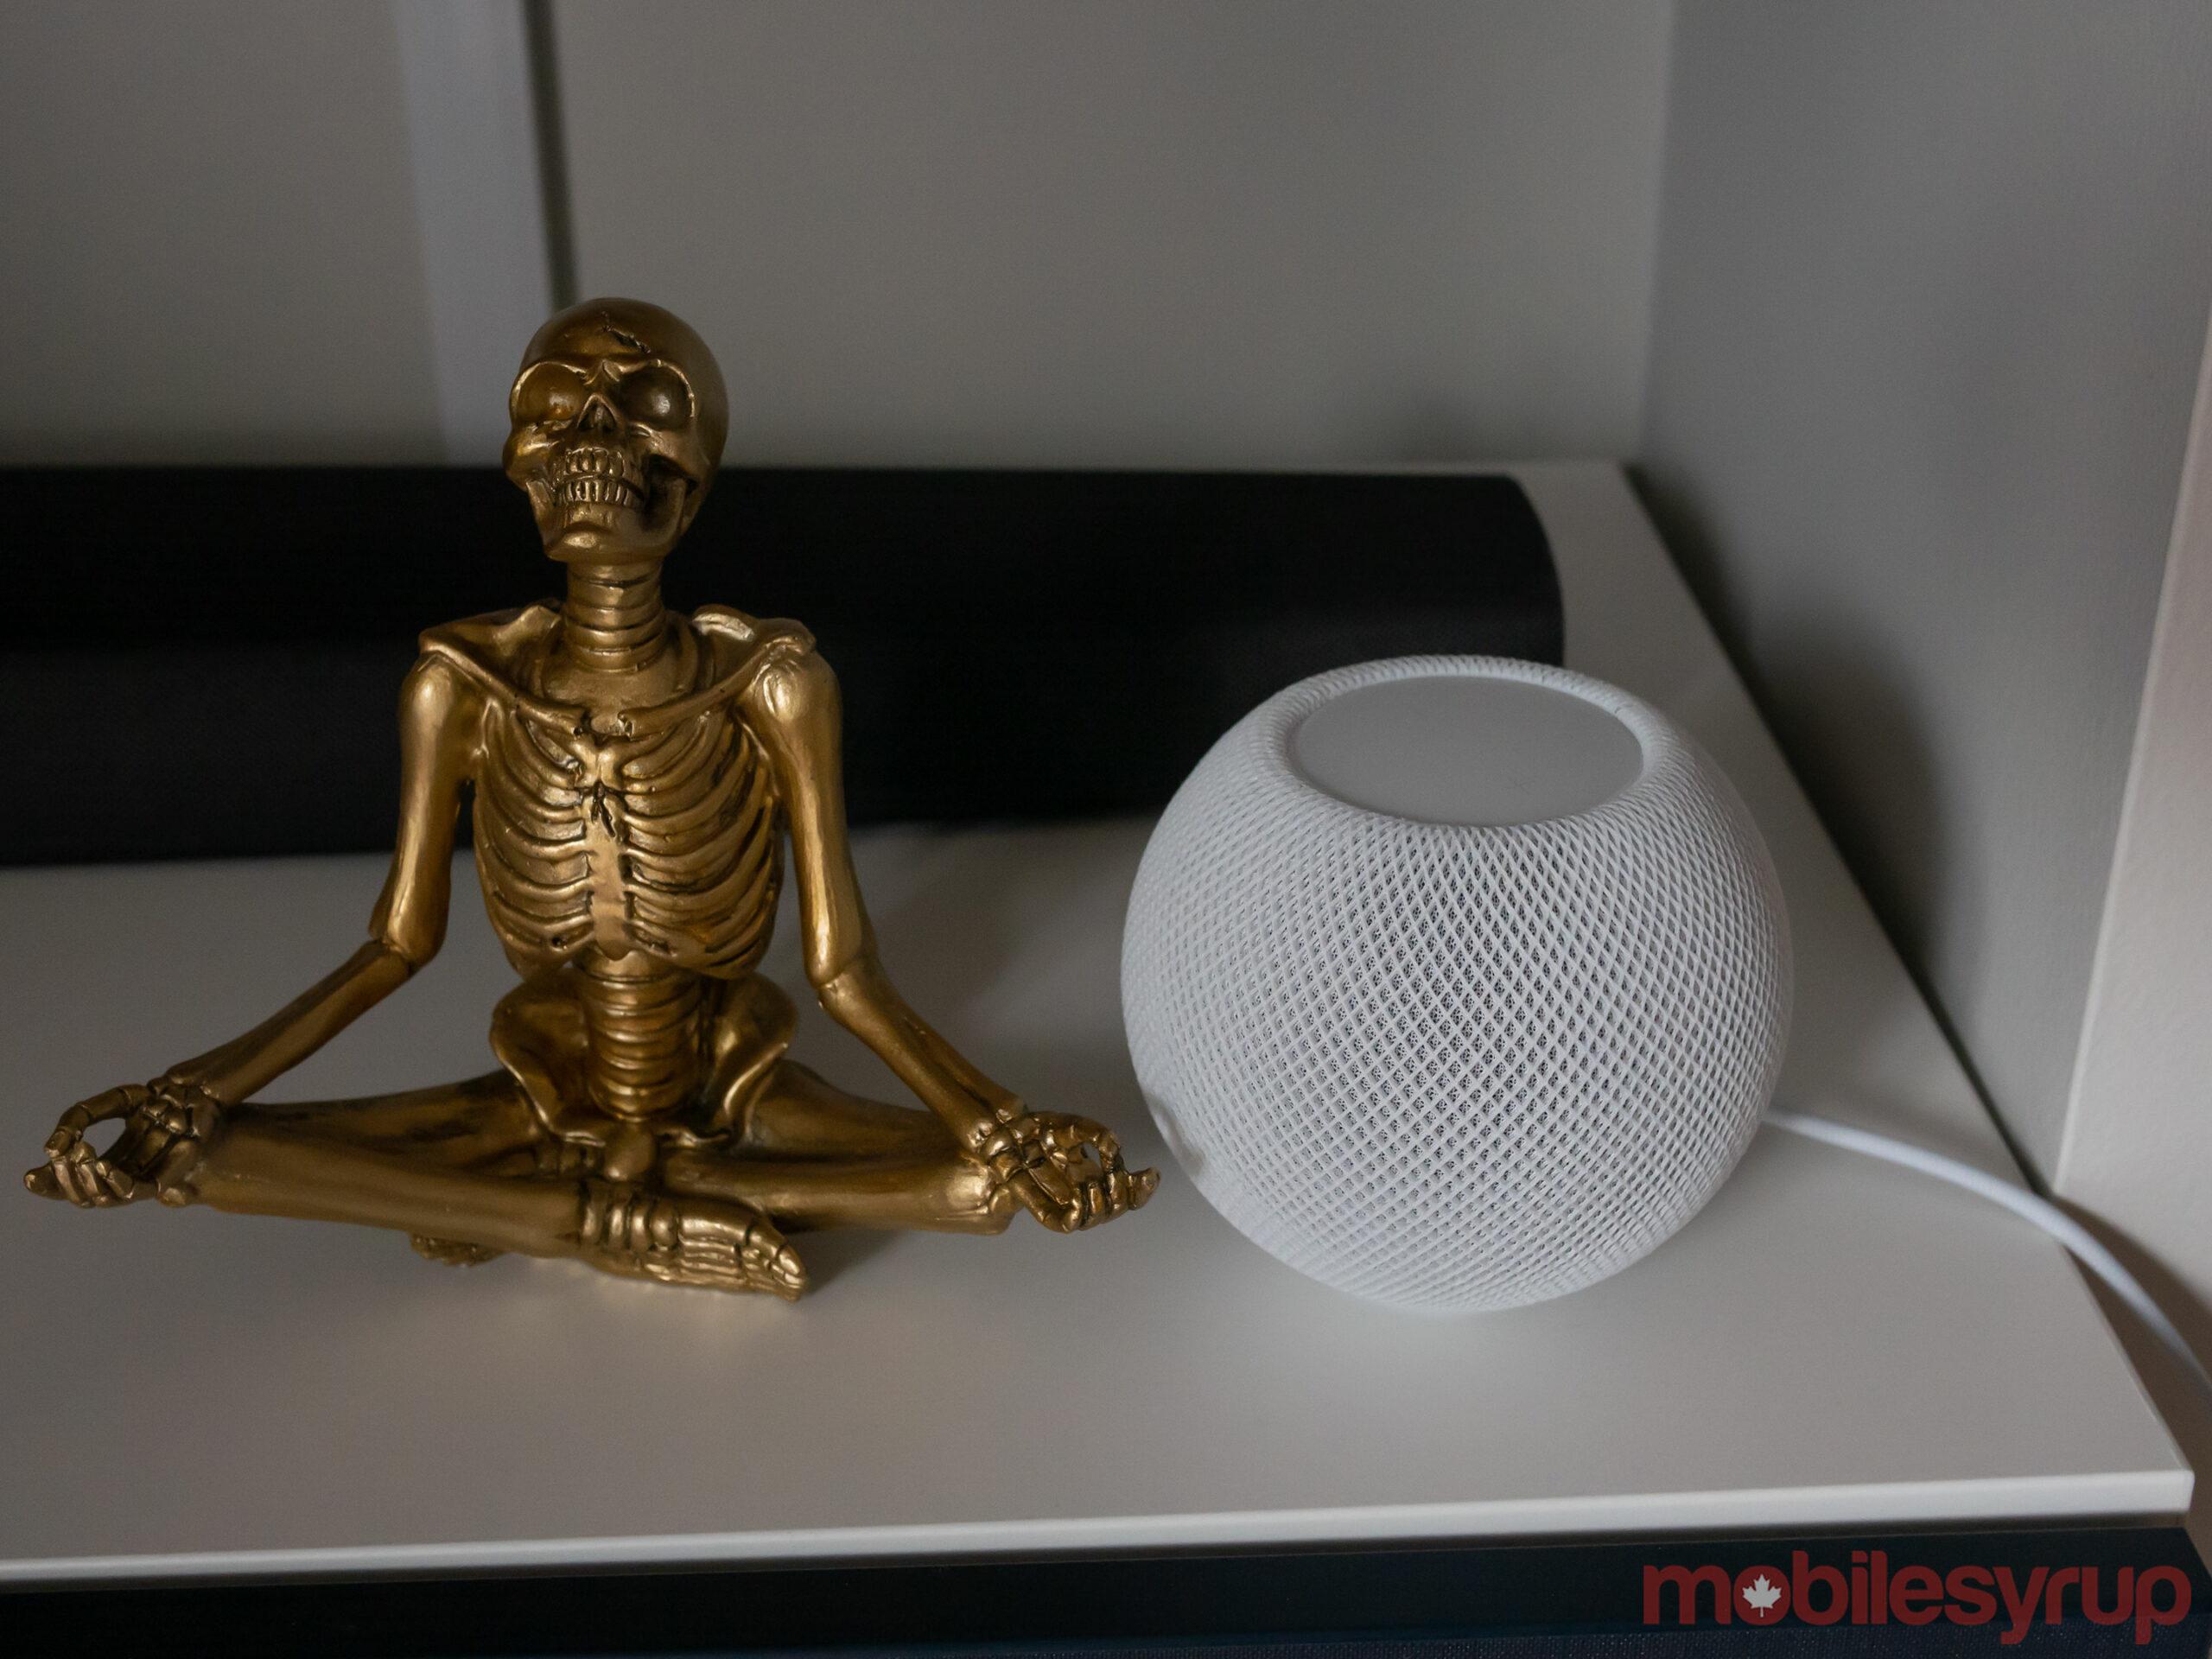 HomePod mini beside skeleton